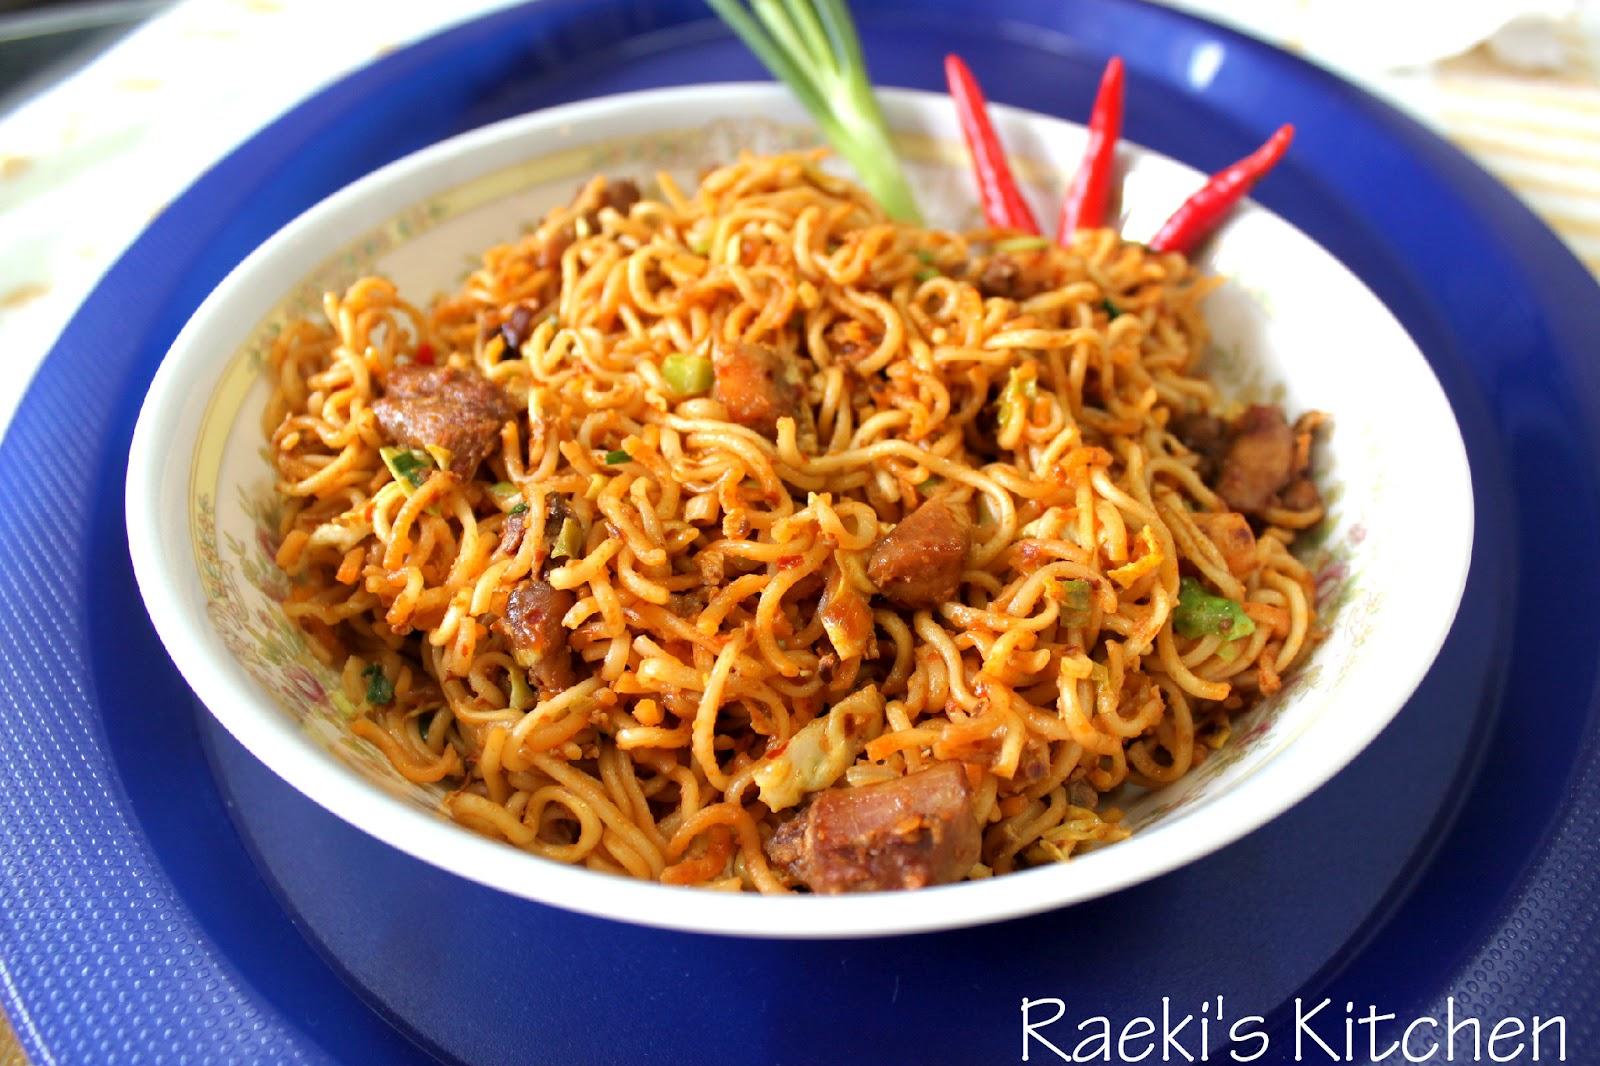 Raeki's Kitchen: Indian Mee Goreng